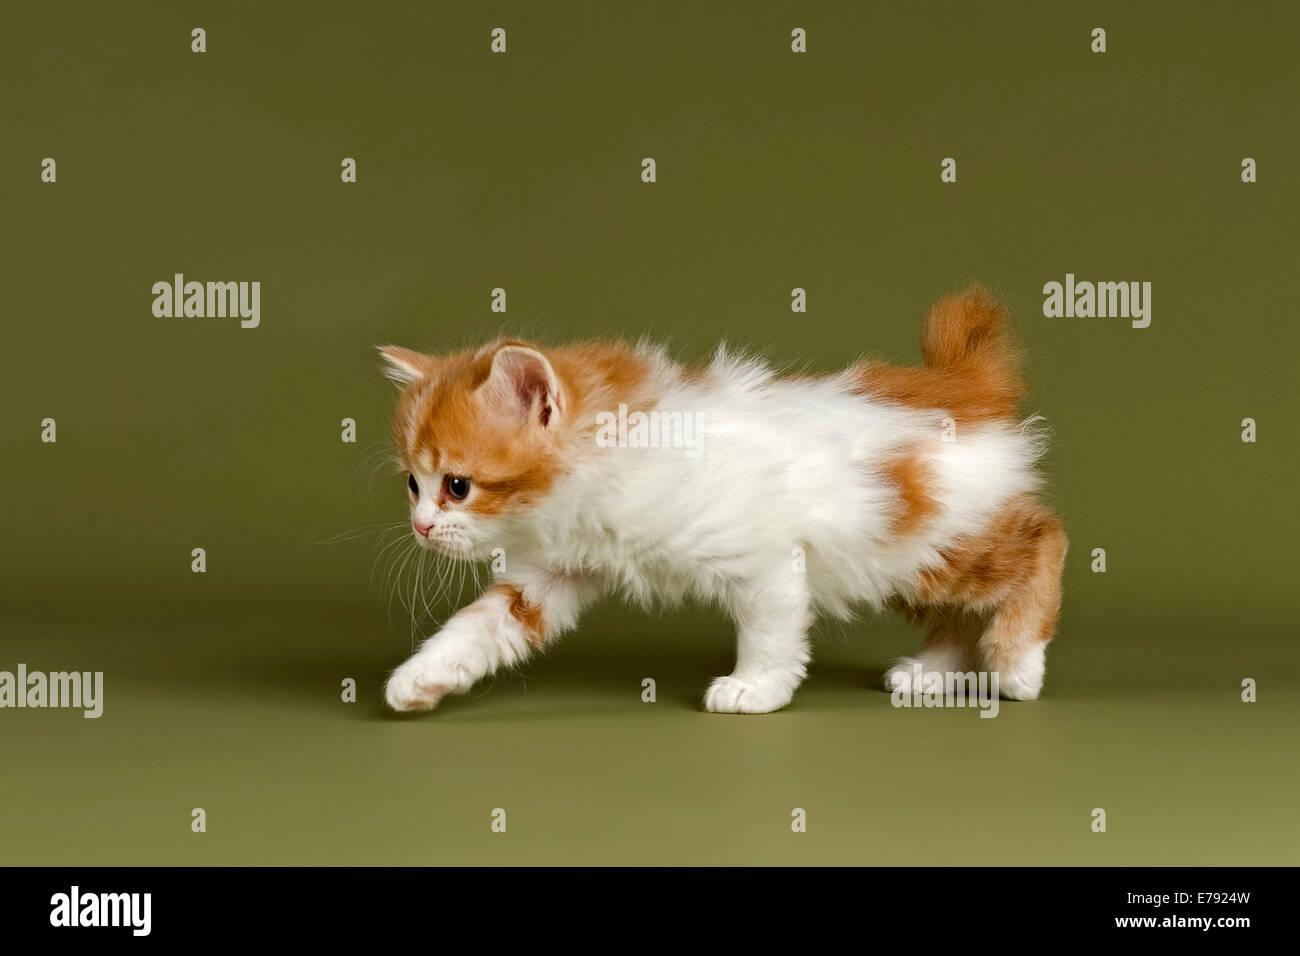 Manx-Cymric gattino, 5 settimane, rosso e bianco, tozza, con geneticamente causato corto moncone di coda Immagini Stock